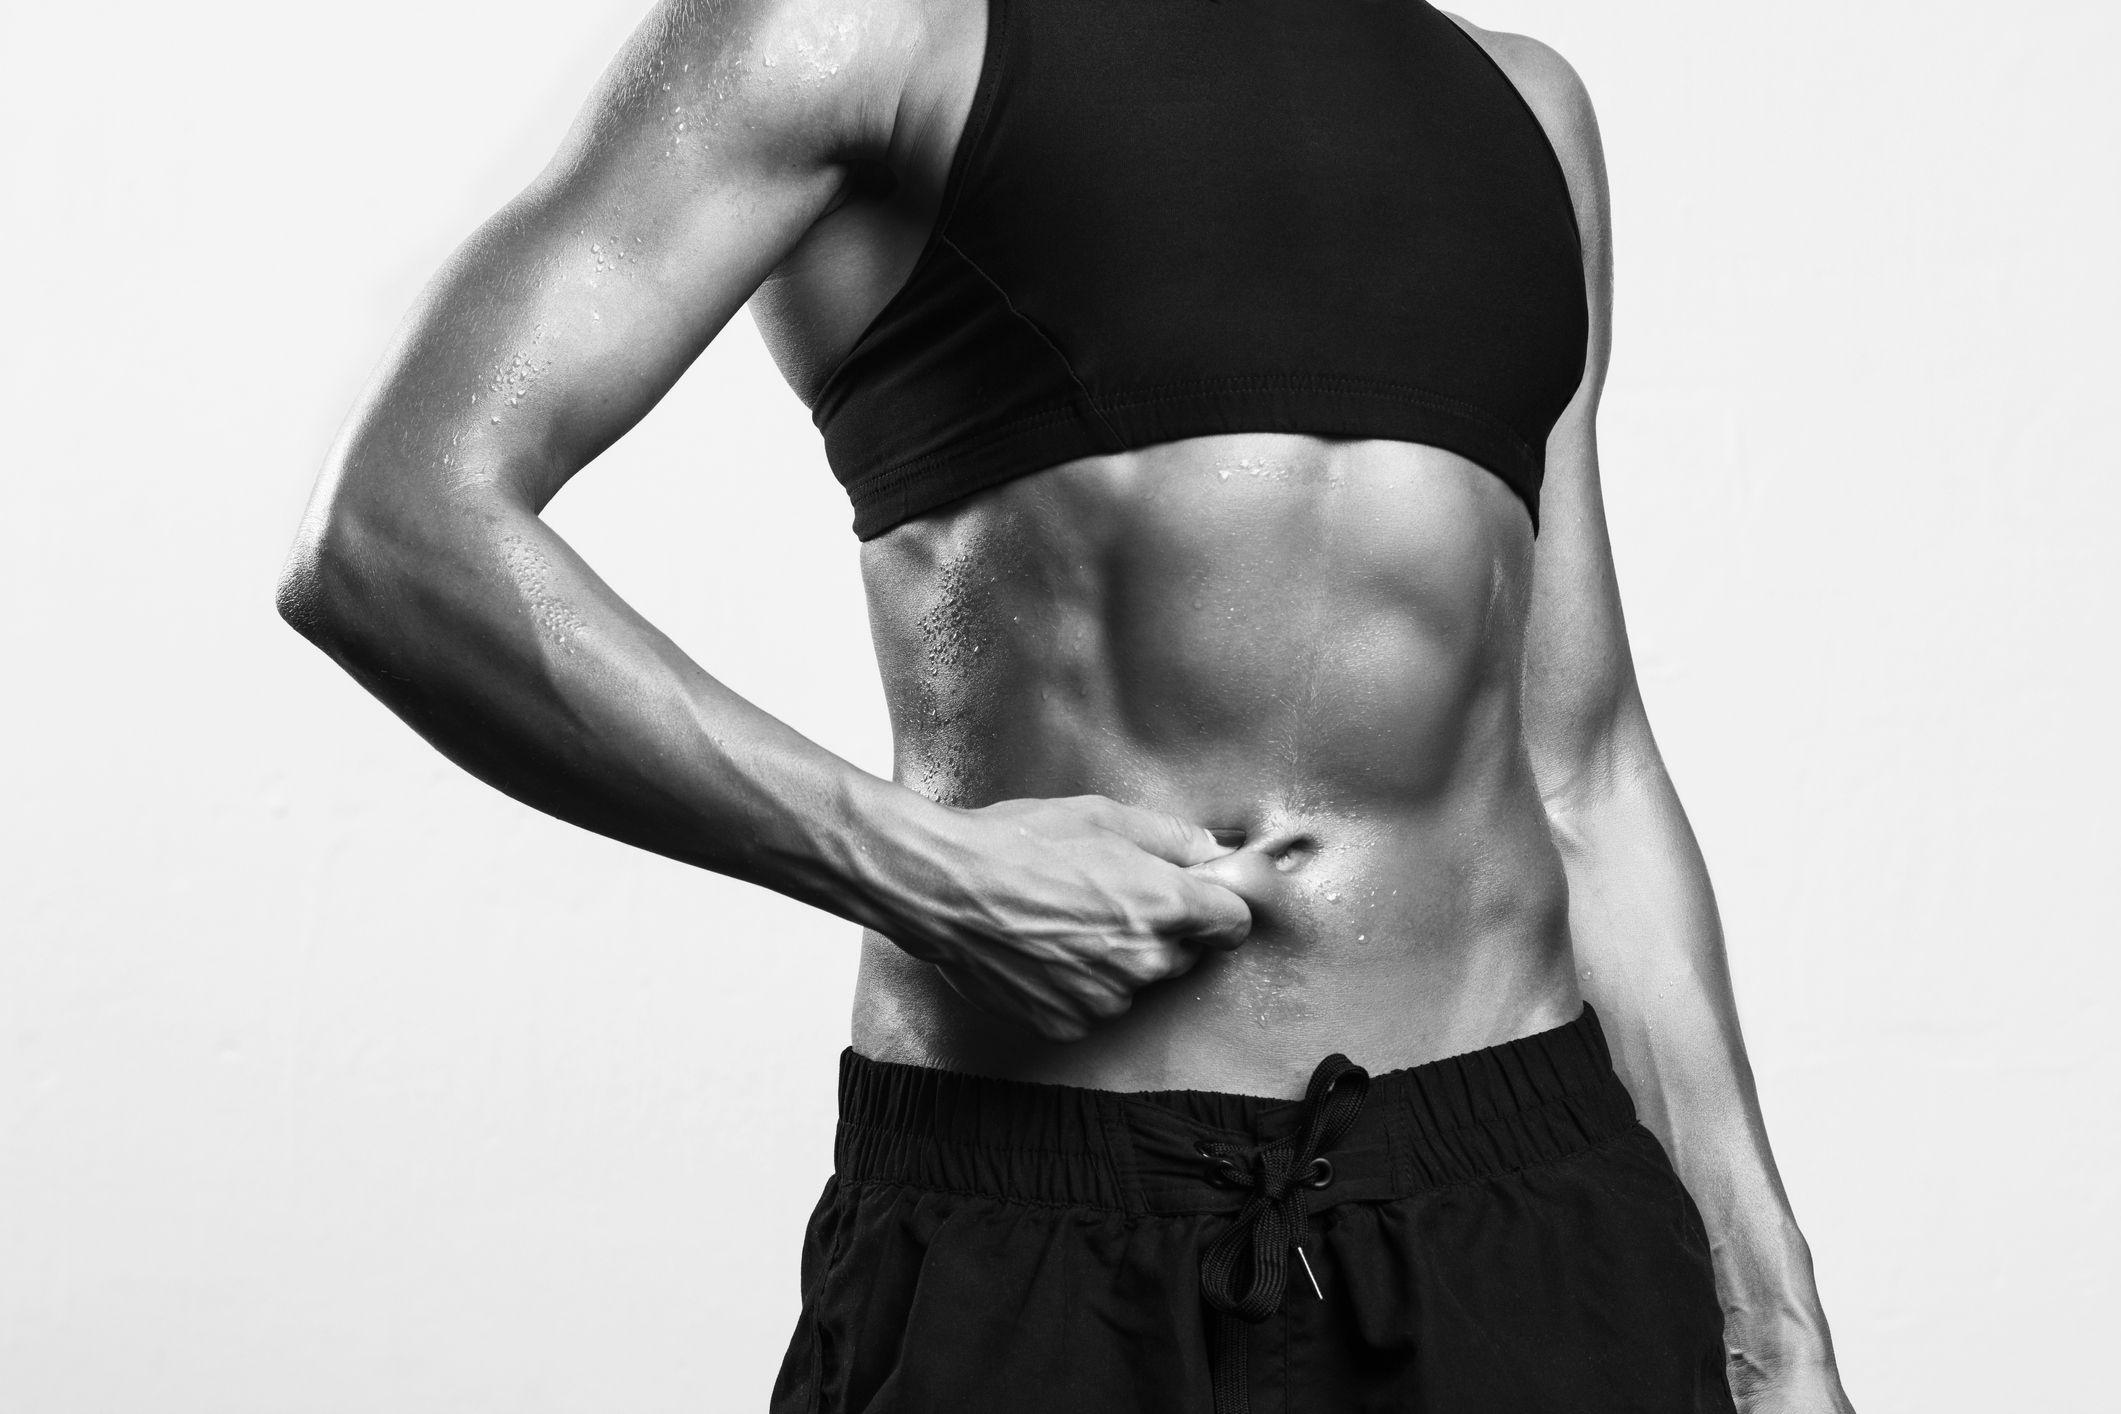 Transpirar mucho ayuda a bajar de peso